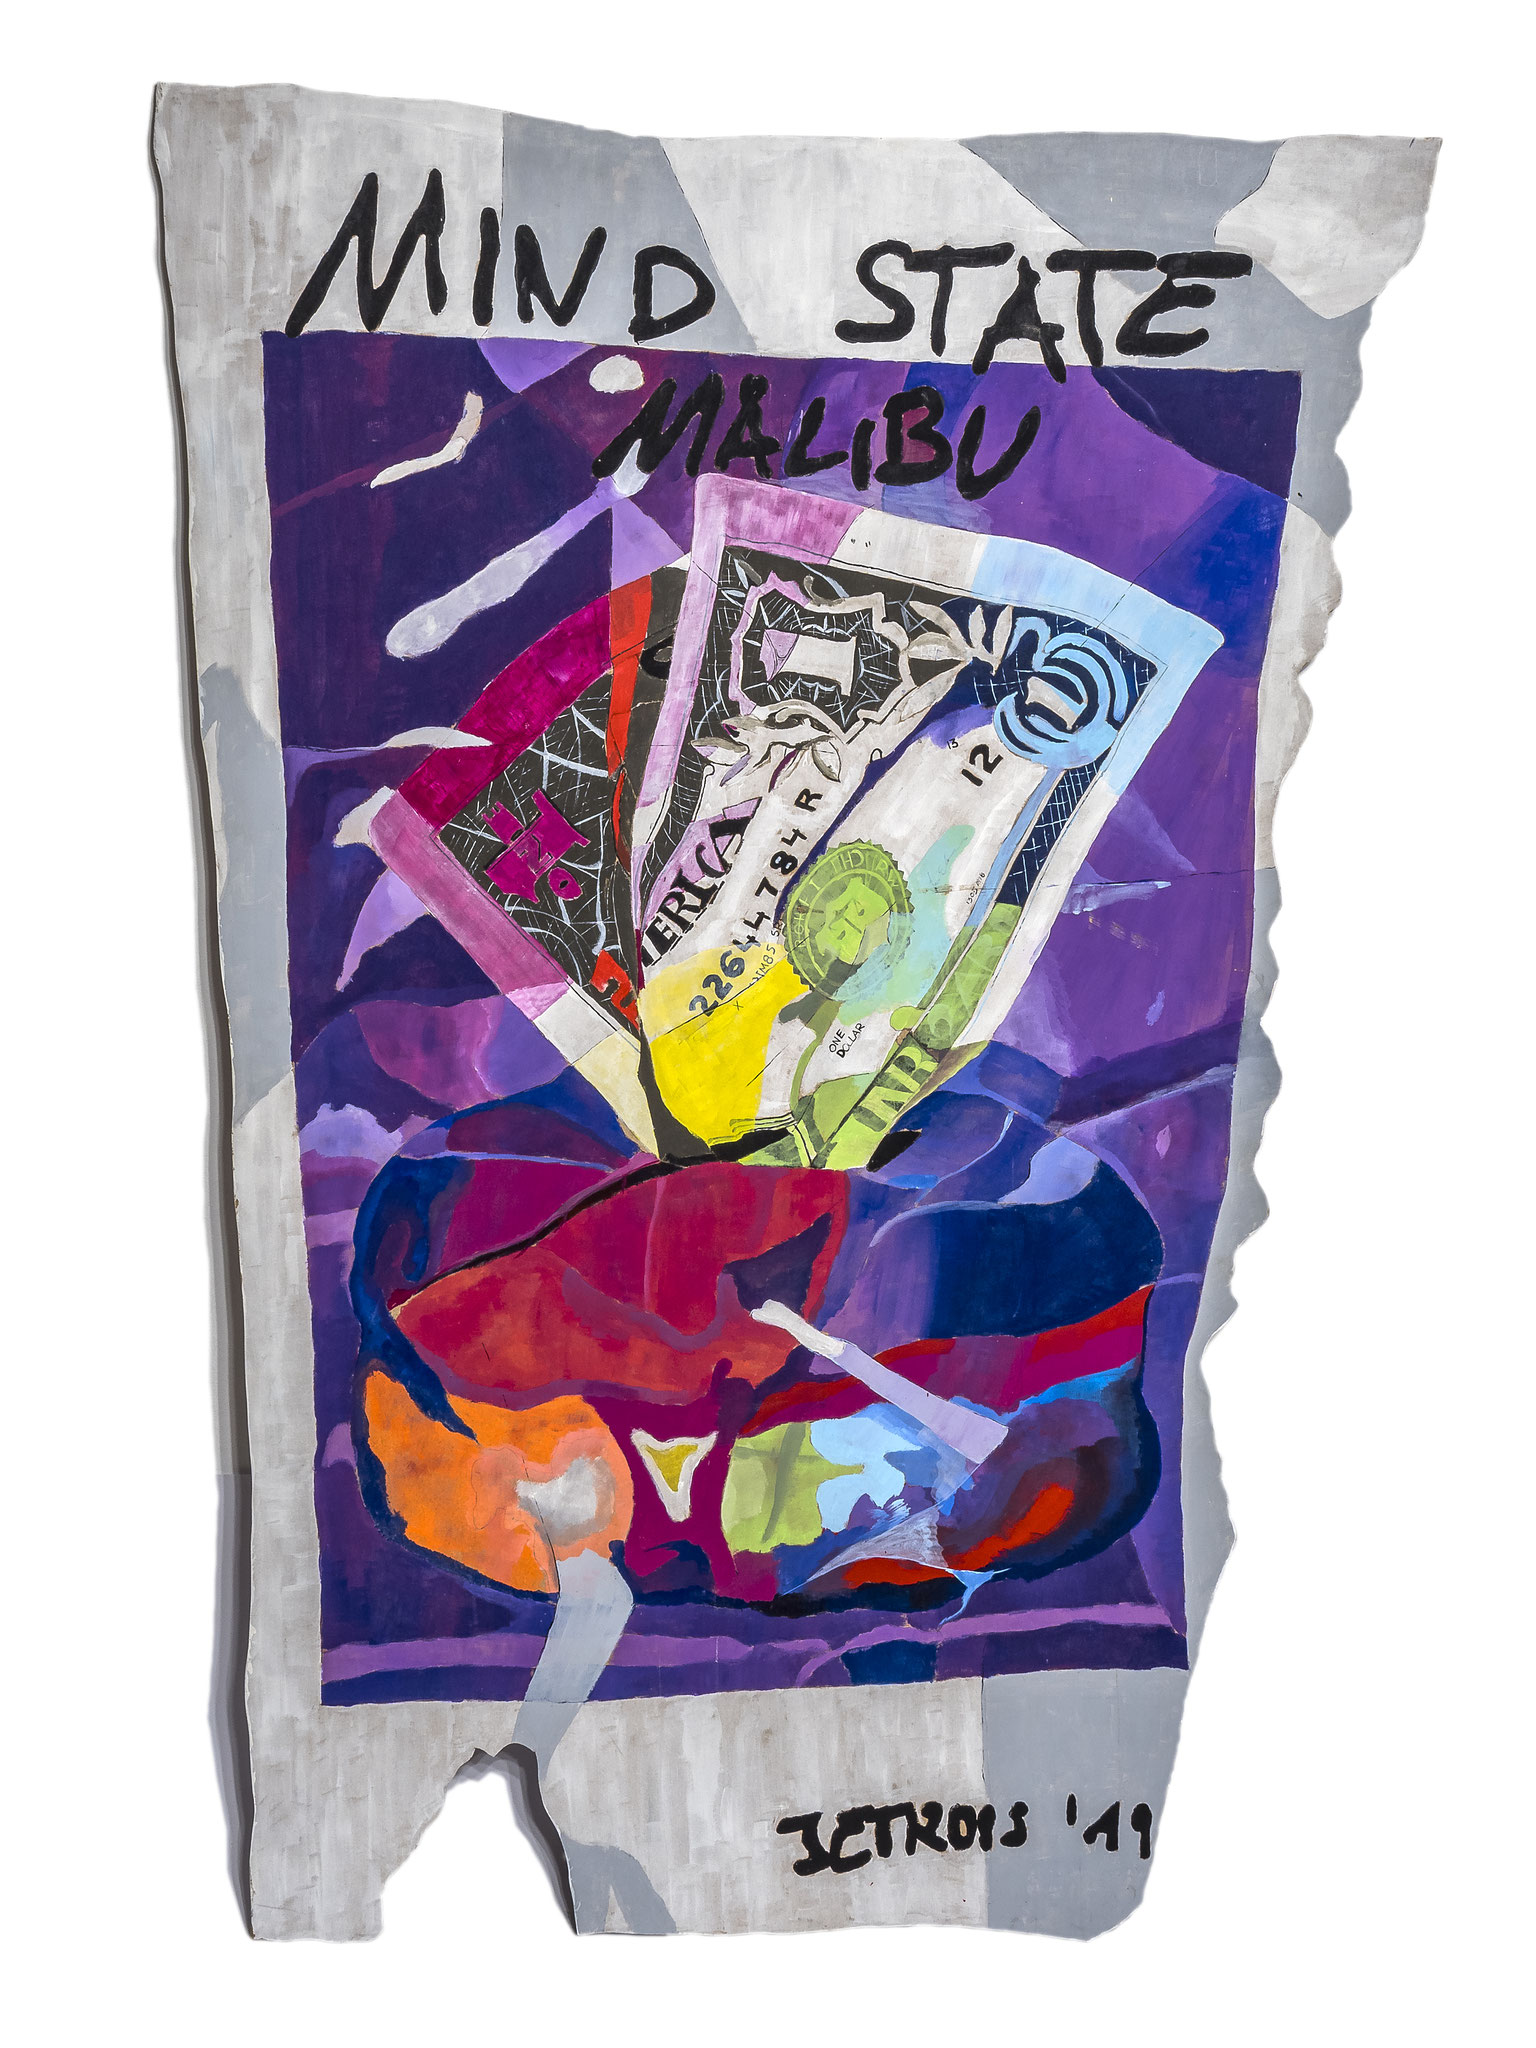 Mindstate Malibu - 2019 - 170cm x 110cm